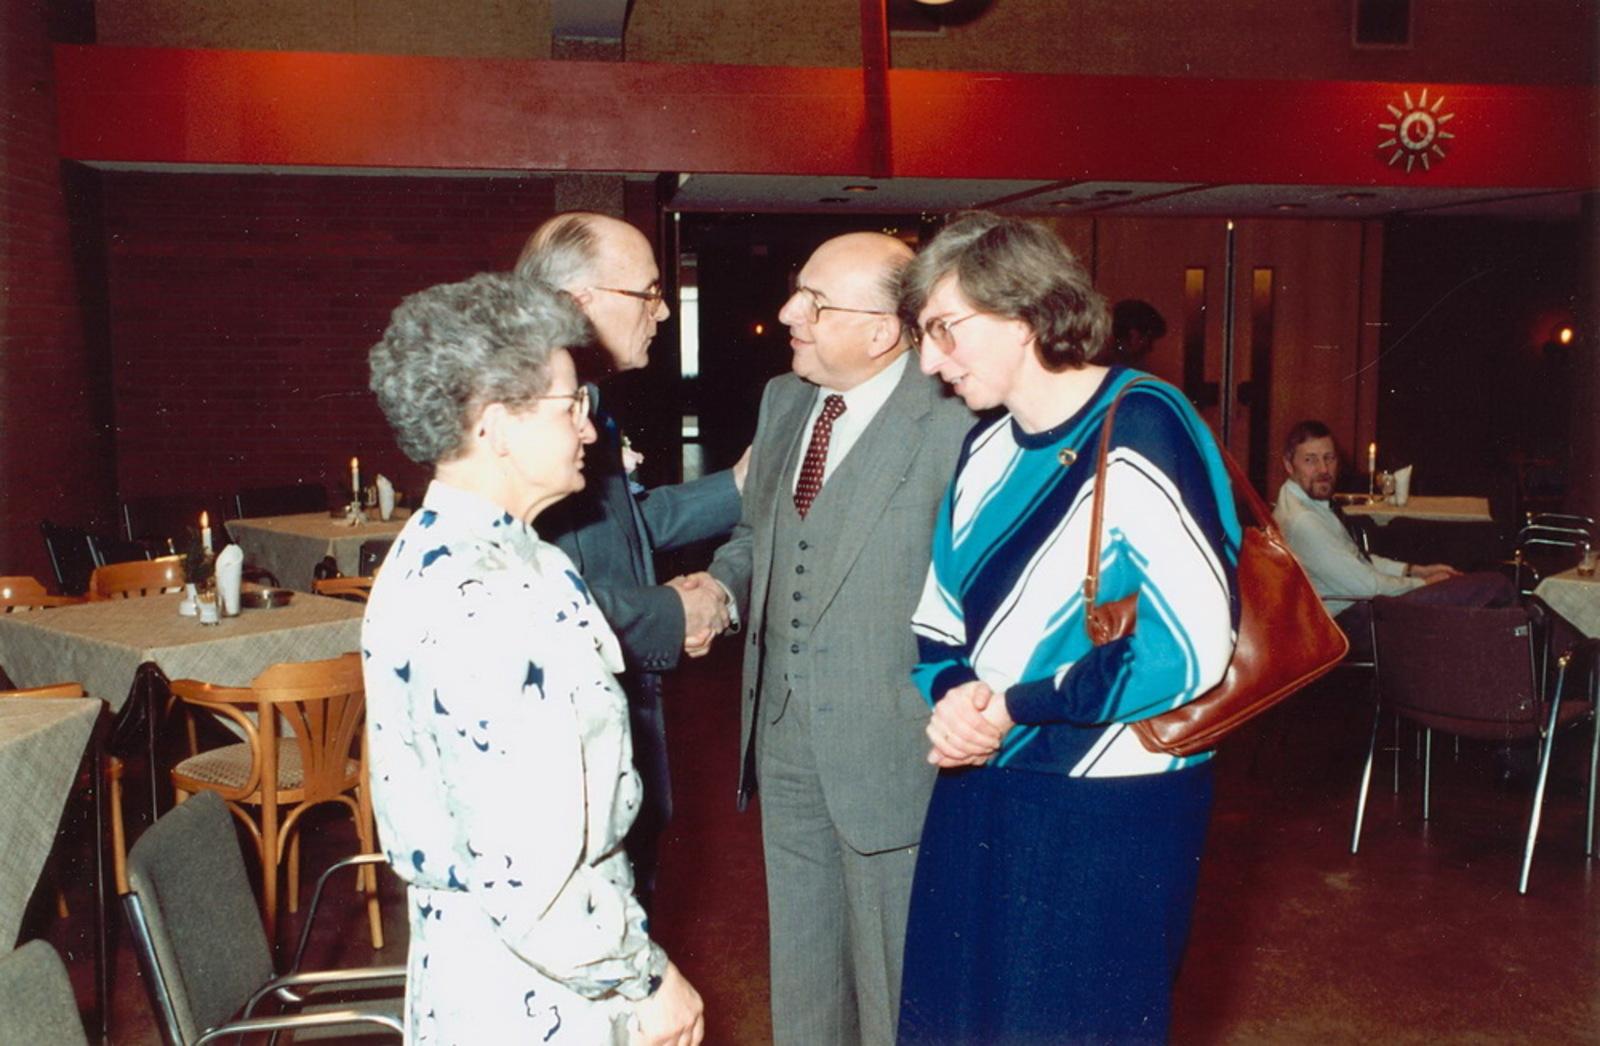 Marktlaan O 0022 1988 Sigarenboer Kraak 50jr Jub en Sluiting 46